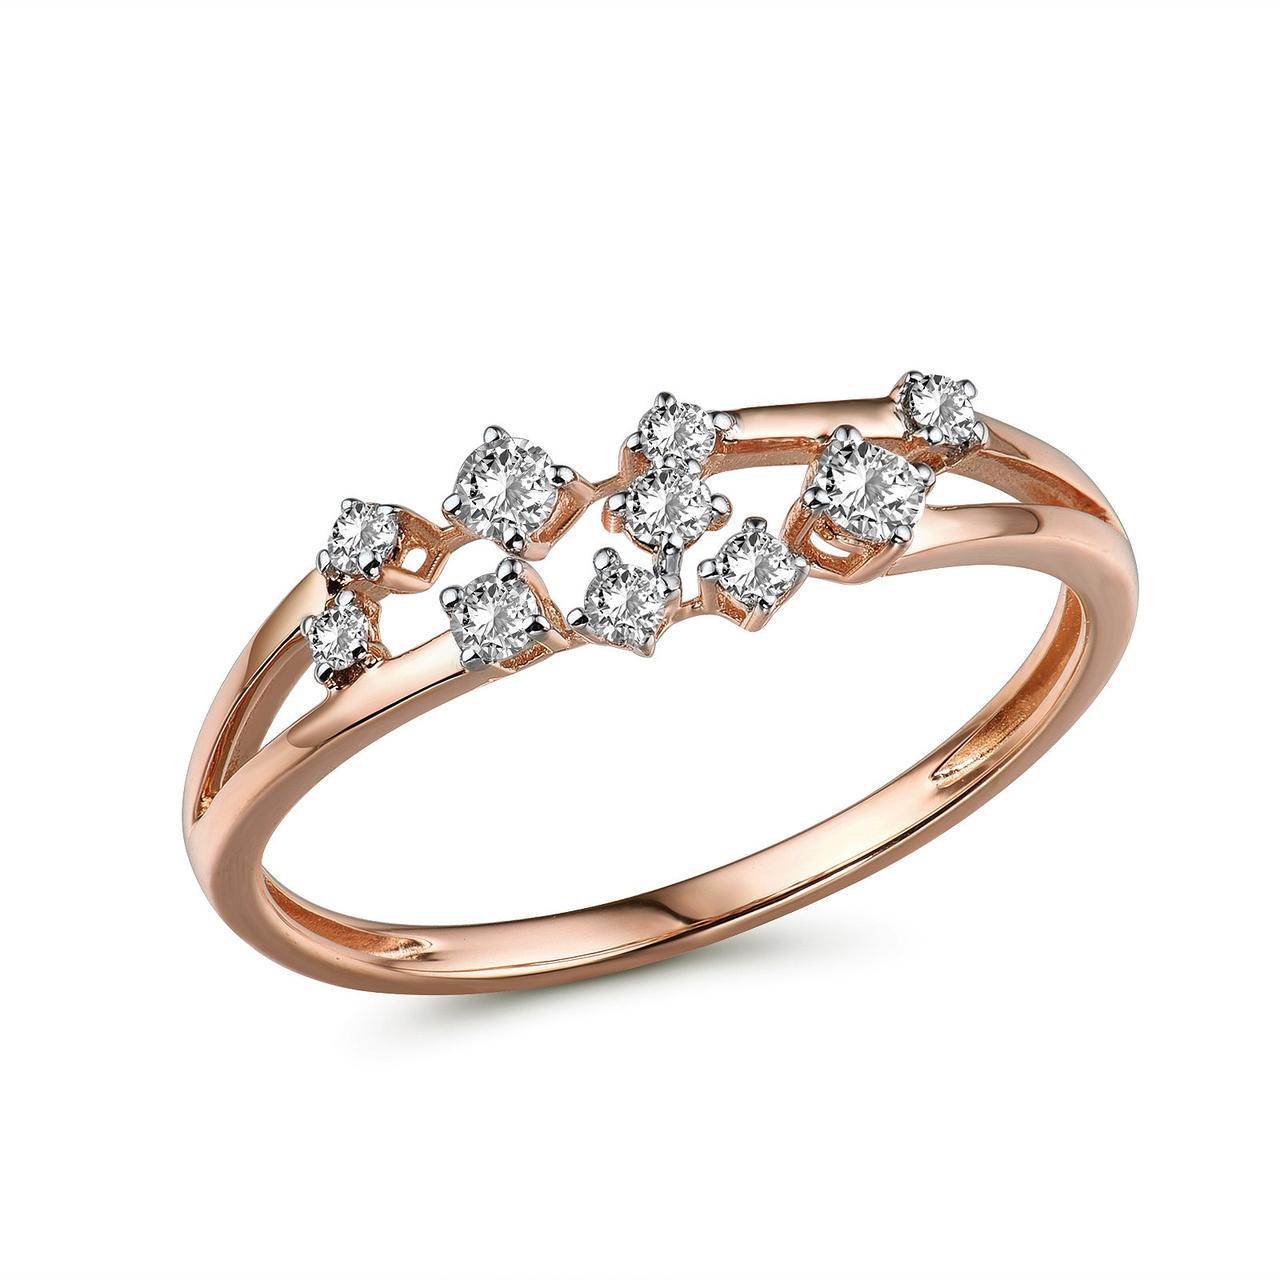 Золотое кольцо с бриллиантами, размер 17 (1719234)